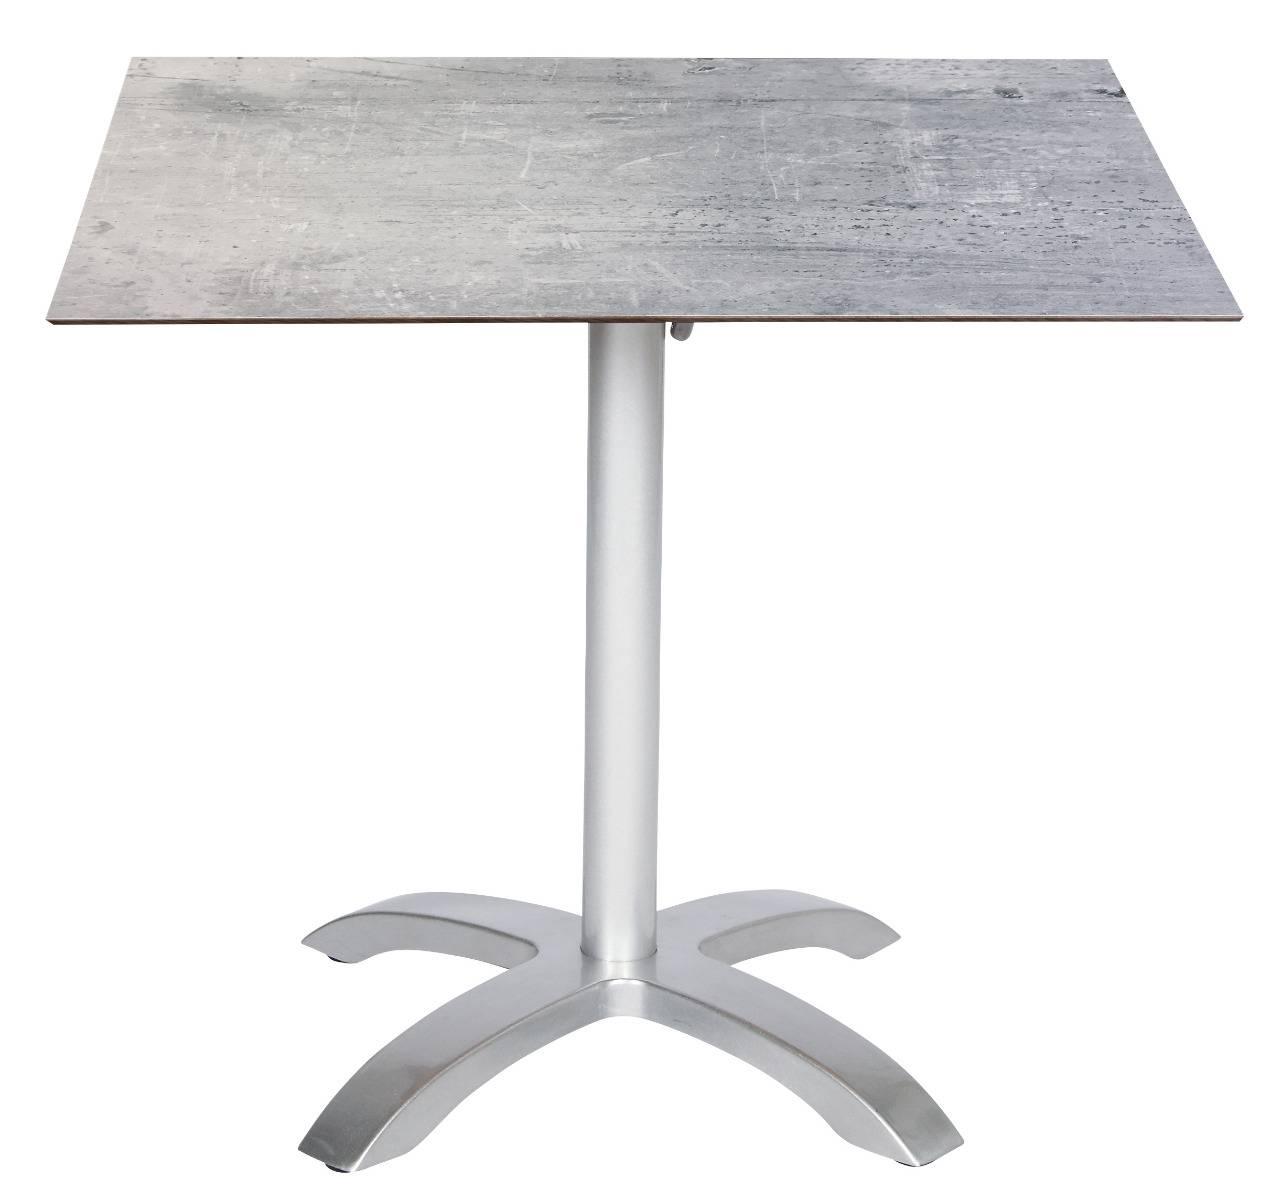 acamp Bistrotisch acaplan 80x80cm platin cemento grigio